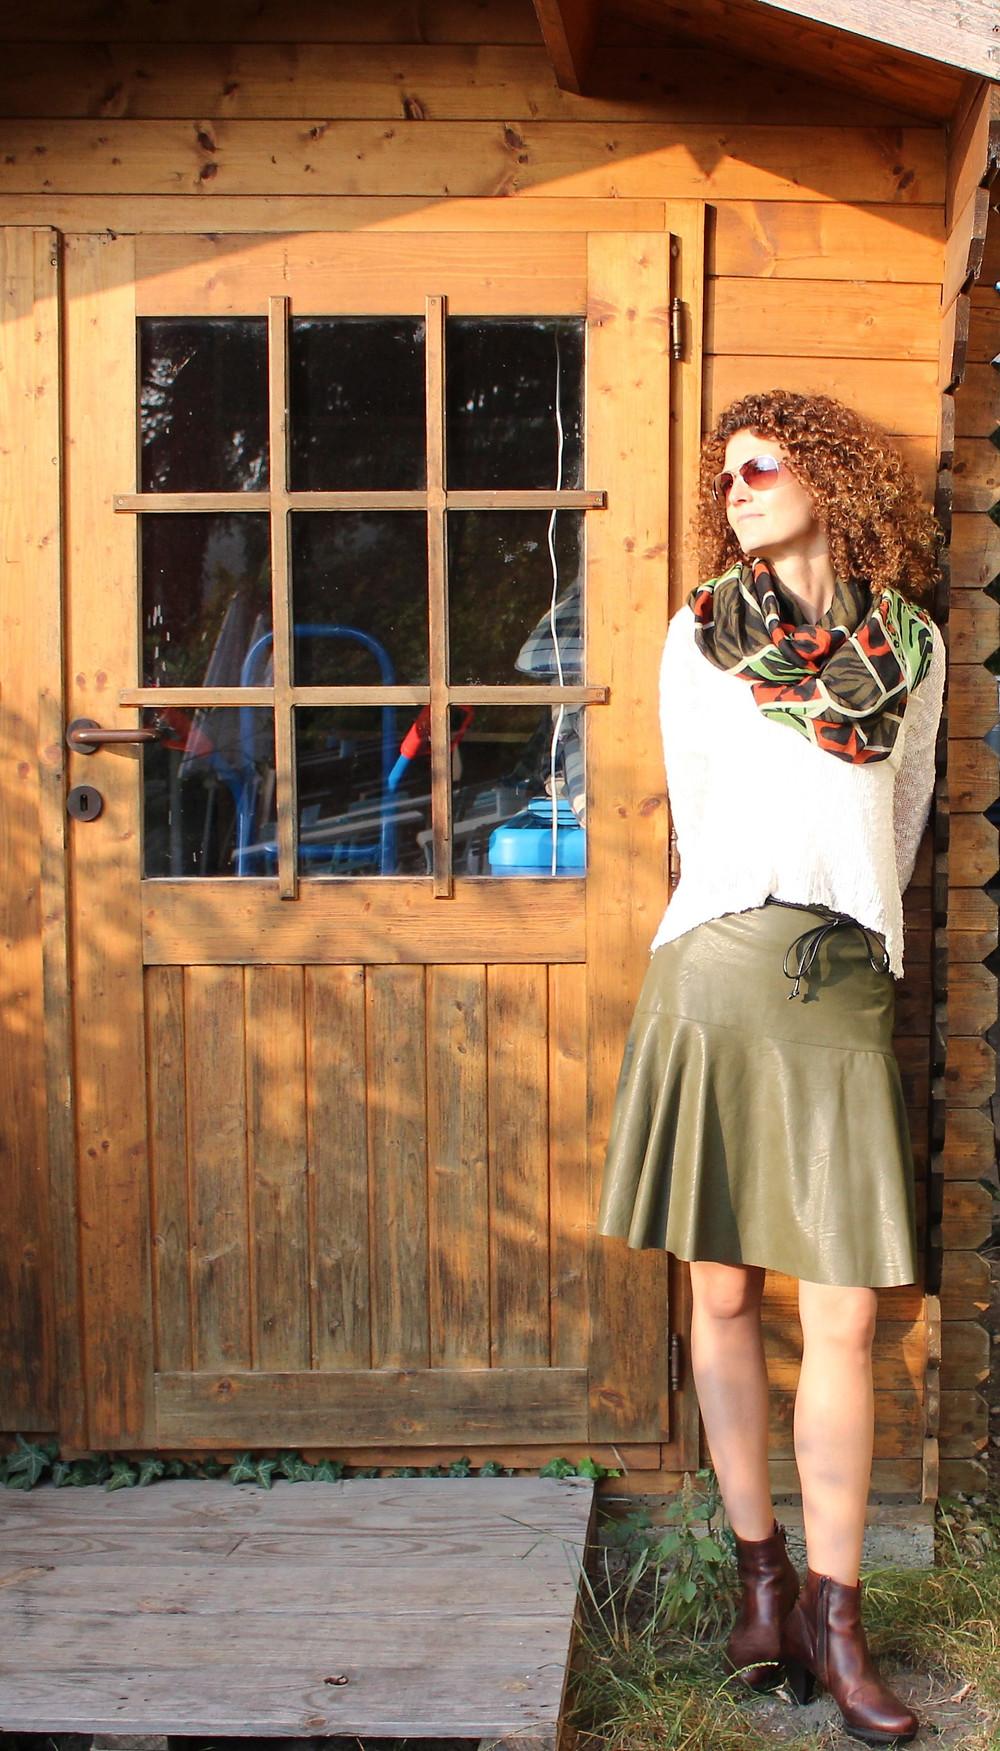 Wer das QUEENS nicht kennt hat was verpasst. Ilse hat in ihrem Geschäft die coolsten und fetzigsten Dirndl und feminine Mode. Sie trägt einen Lederrock um Euro